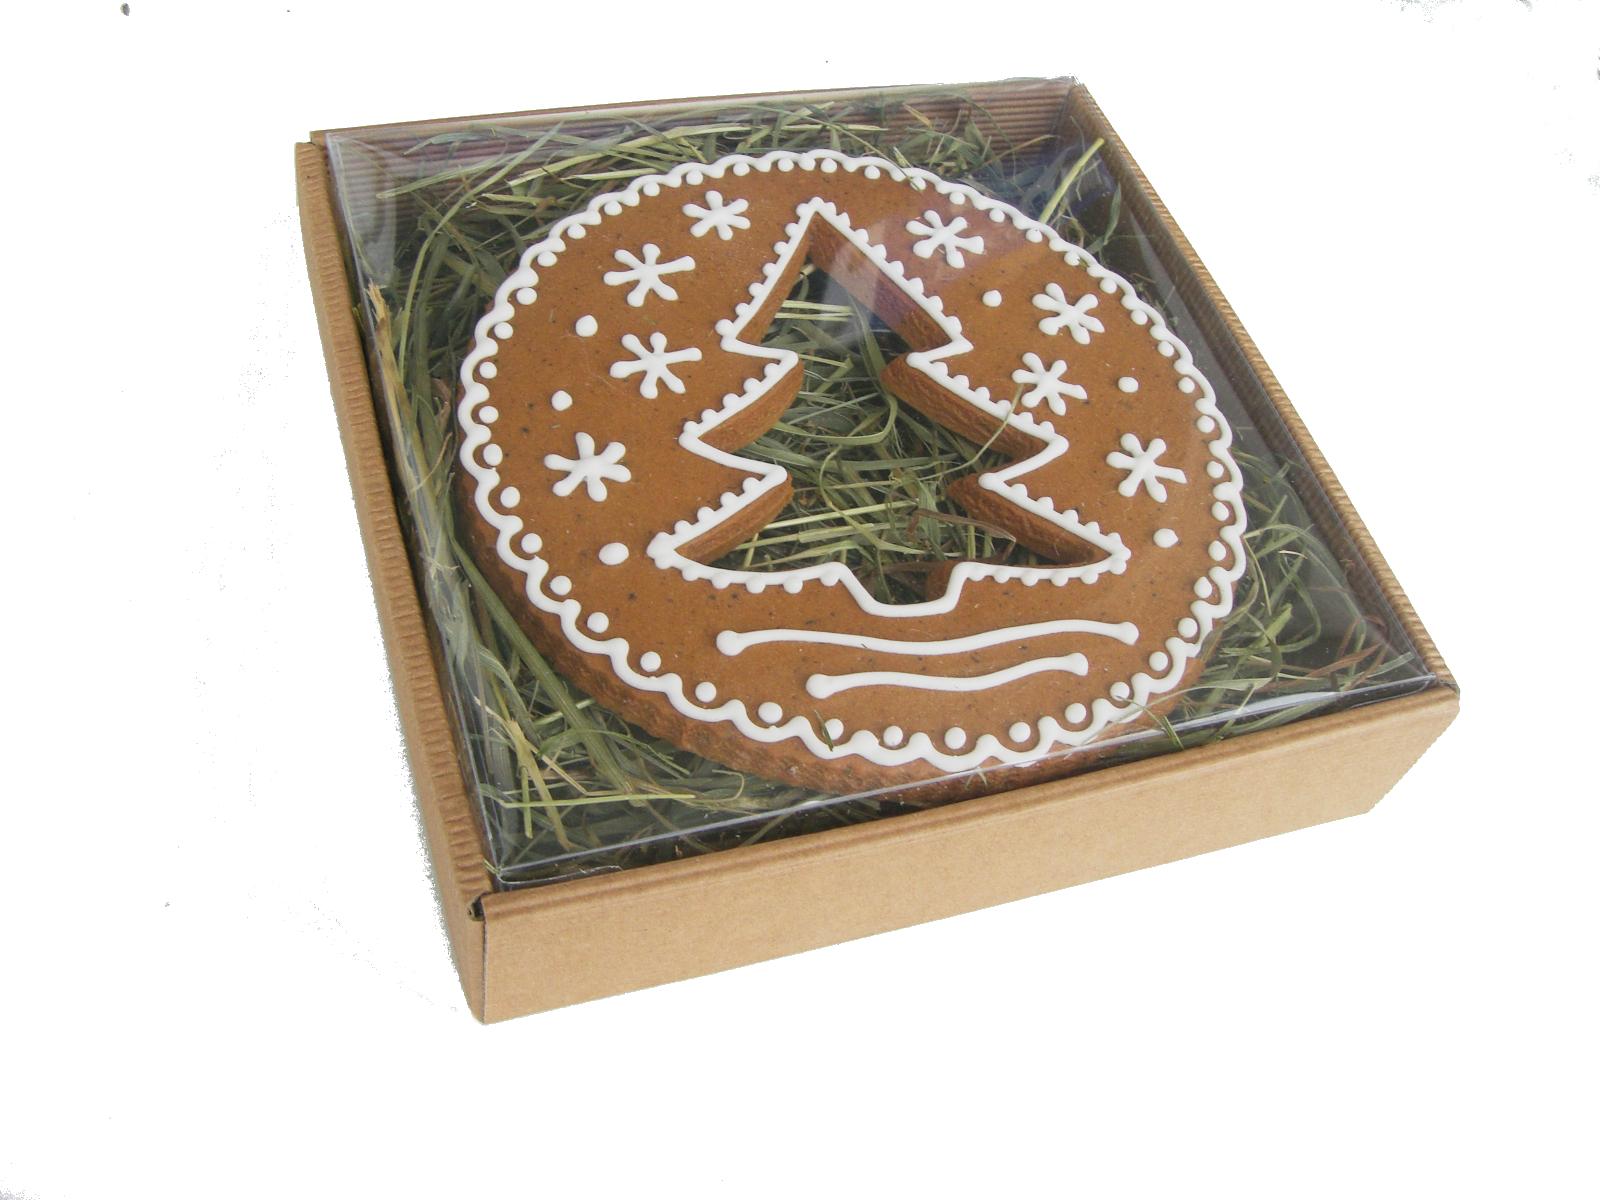 piernik okrągły wielkości około 13cm z dziurką w kształcie choinkiw pudełku w kształcie koła, z dziura w kształcie choinki